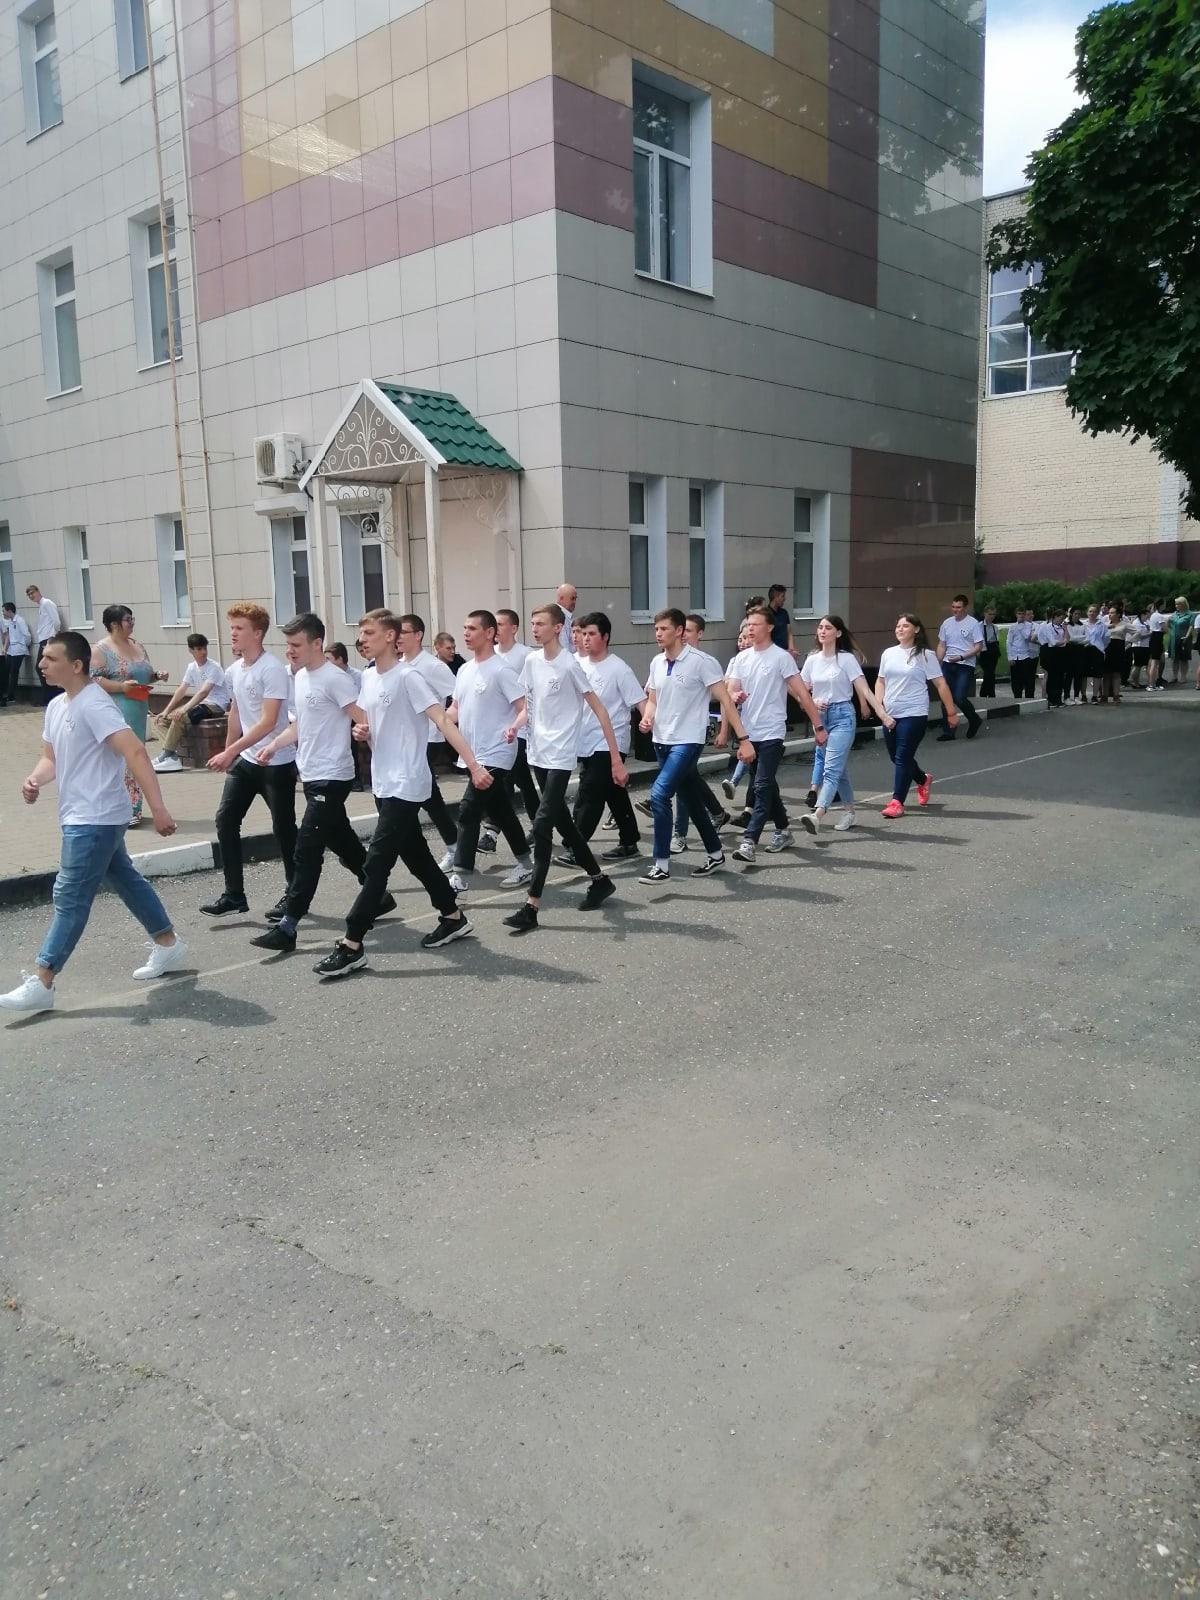 традиционный смотр строя и песни для студентов 1 и 2 курсов, посвящённый Дню России